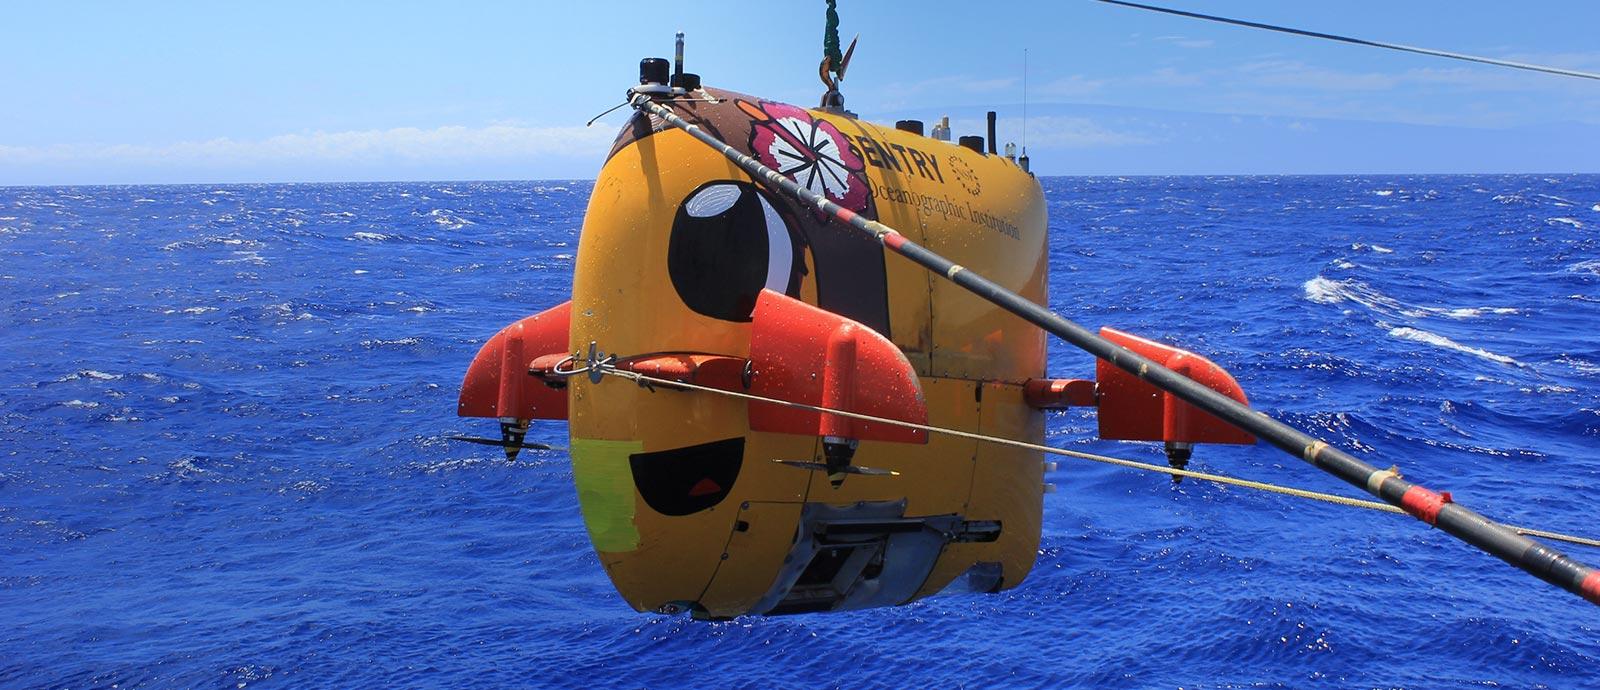 Autonomous underwater vehicle auv schmidt ocean institute